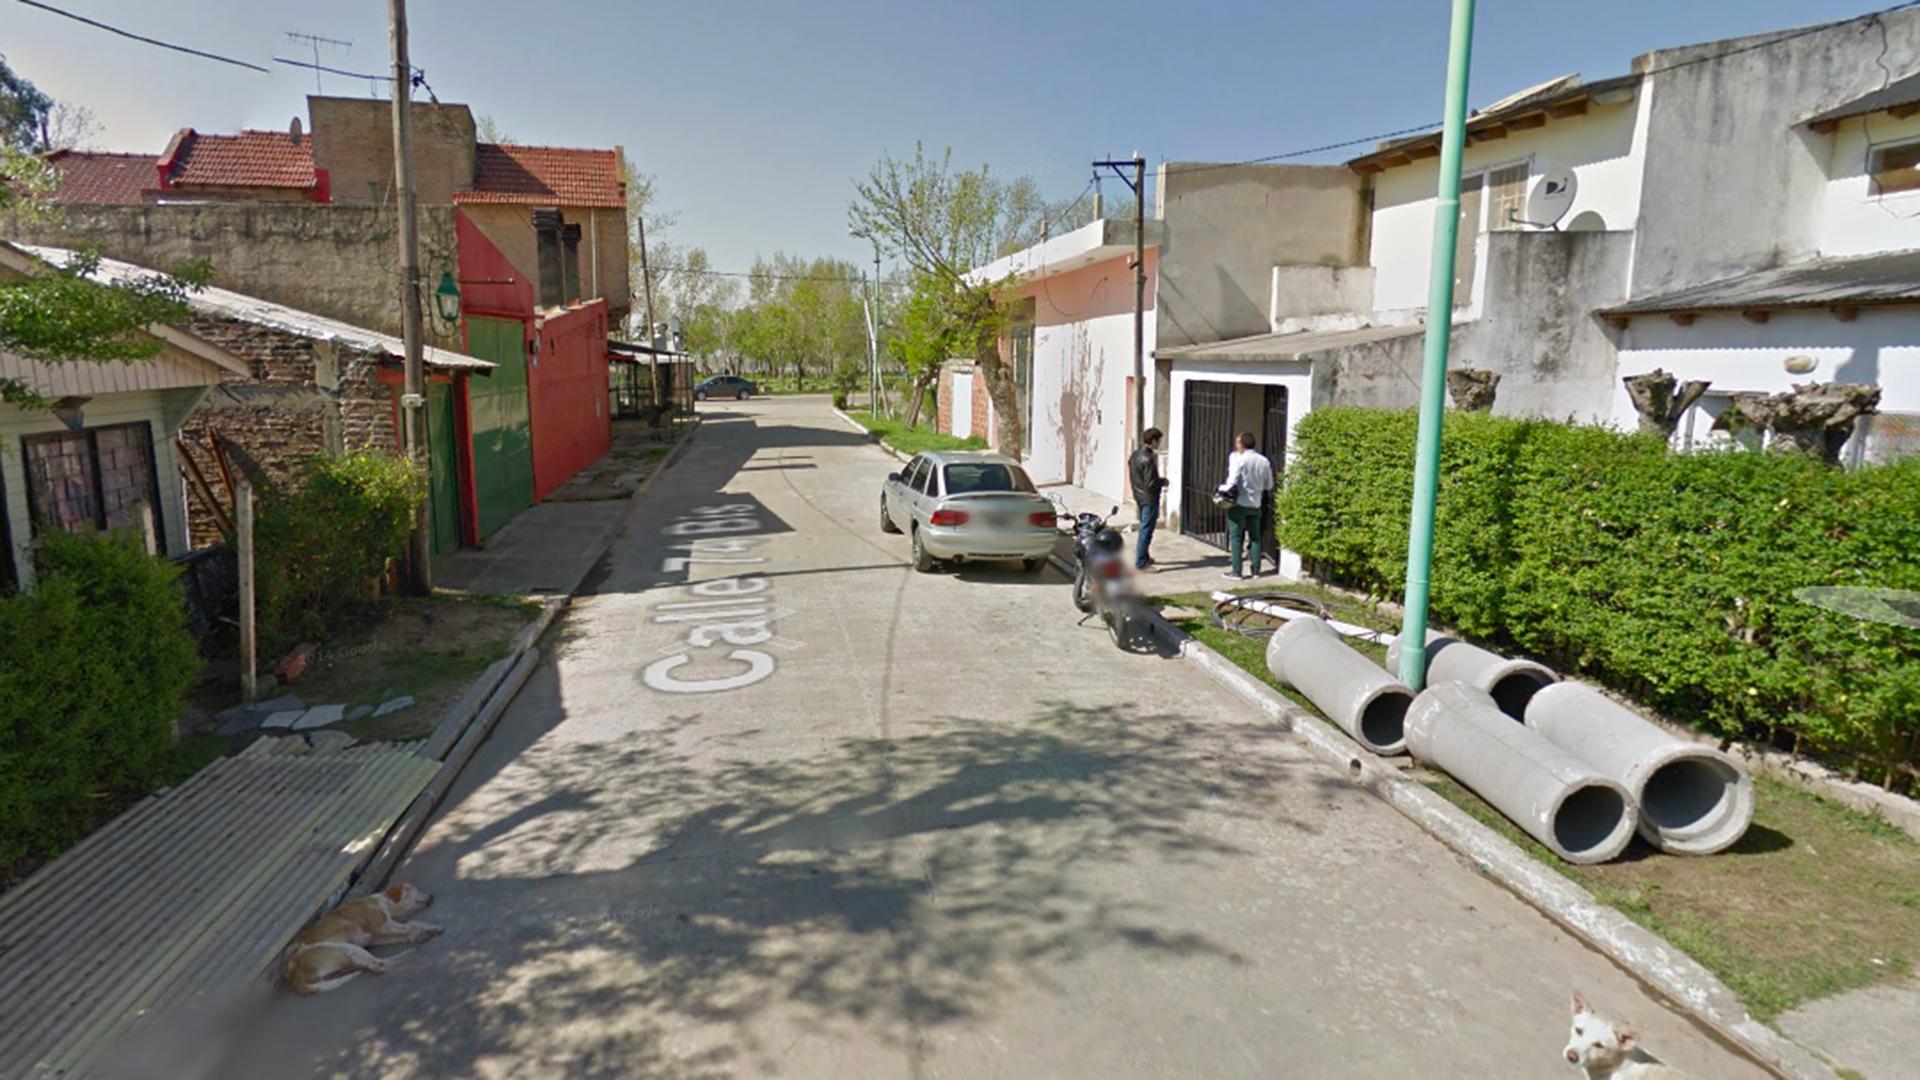 La cuadra de la casa donde ocurrió el abuso, en Punta Lara